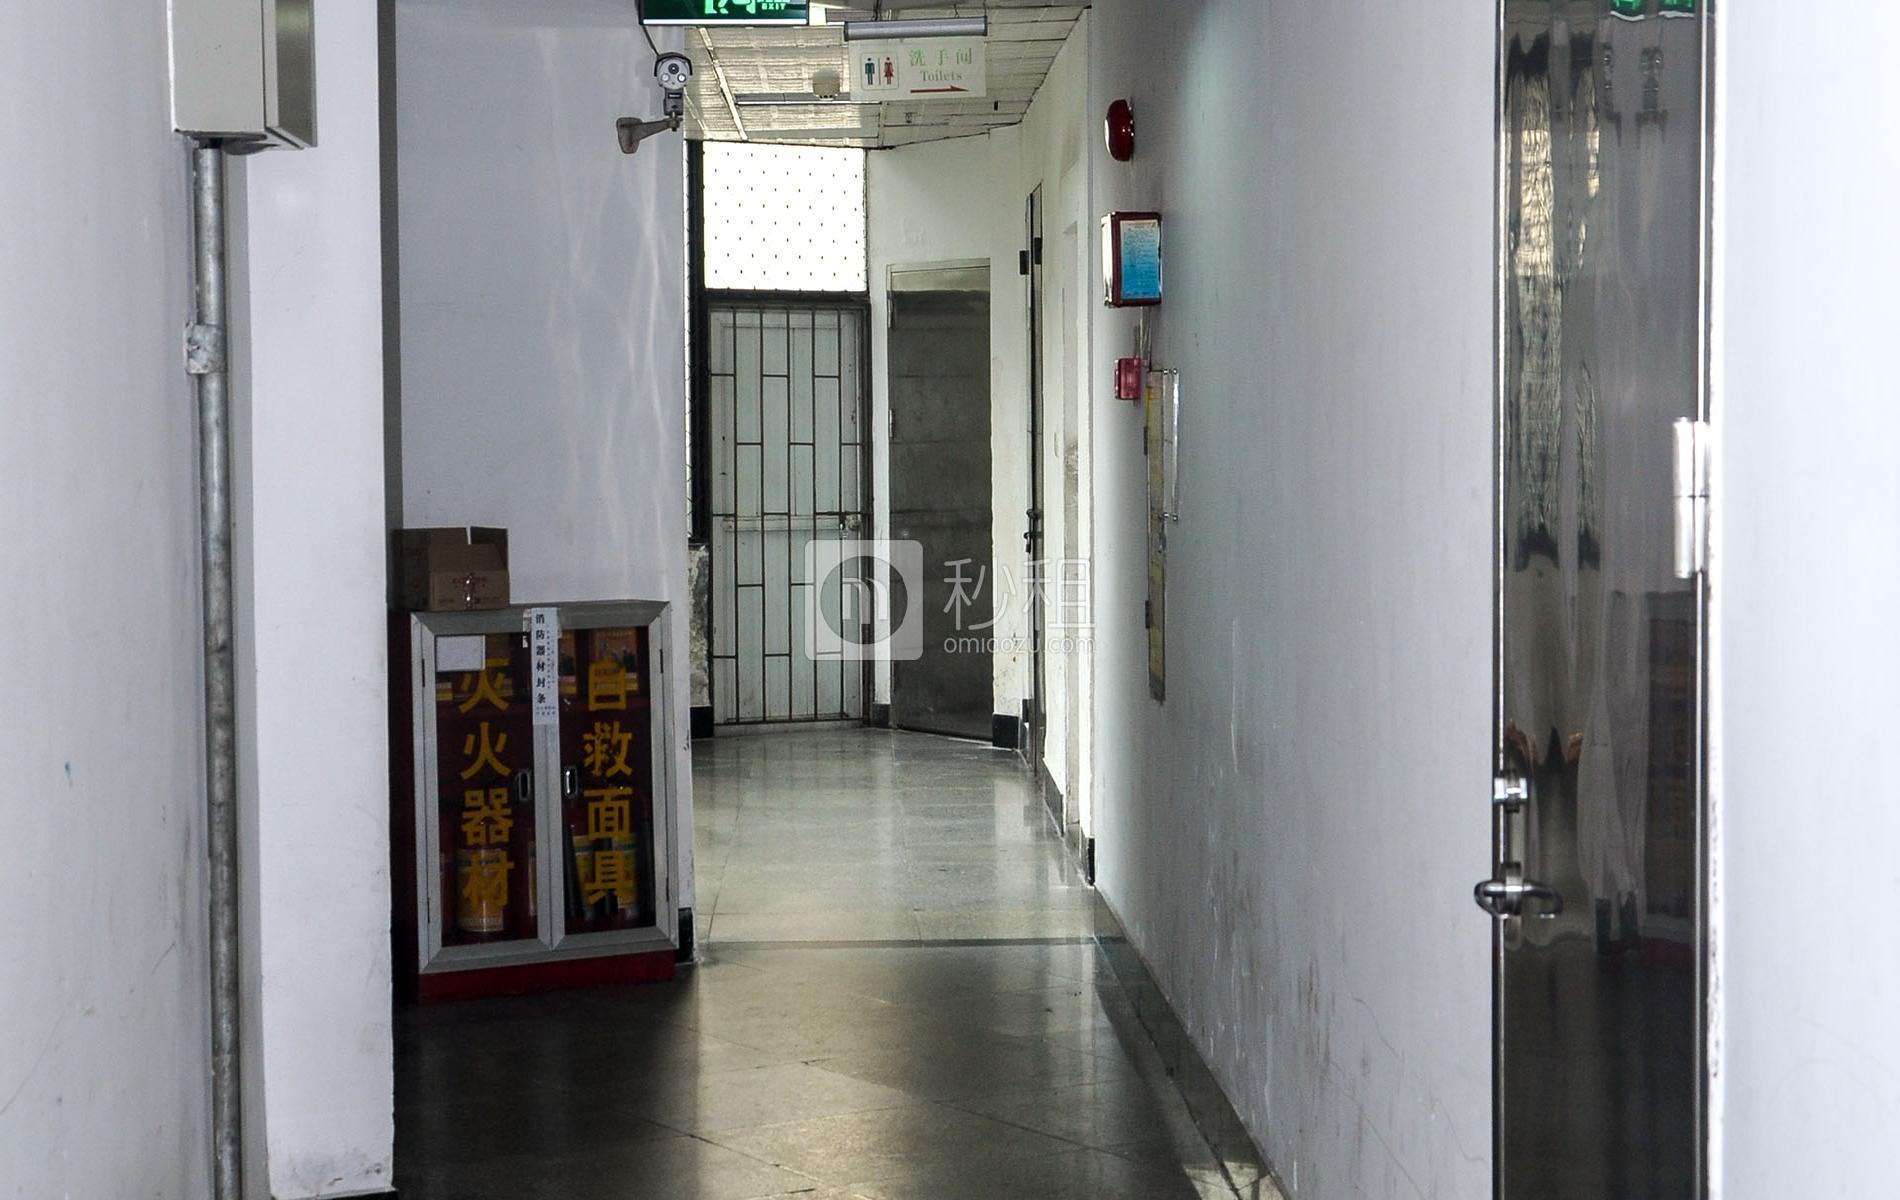 广东外经贸大厦写字楼出租/招租/租赁,广东外经贸大厦办公室出租/招租/租赁